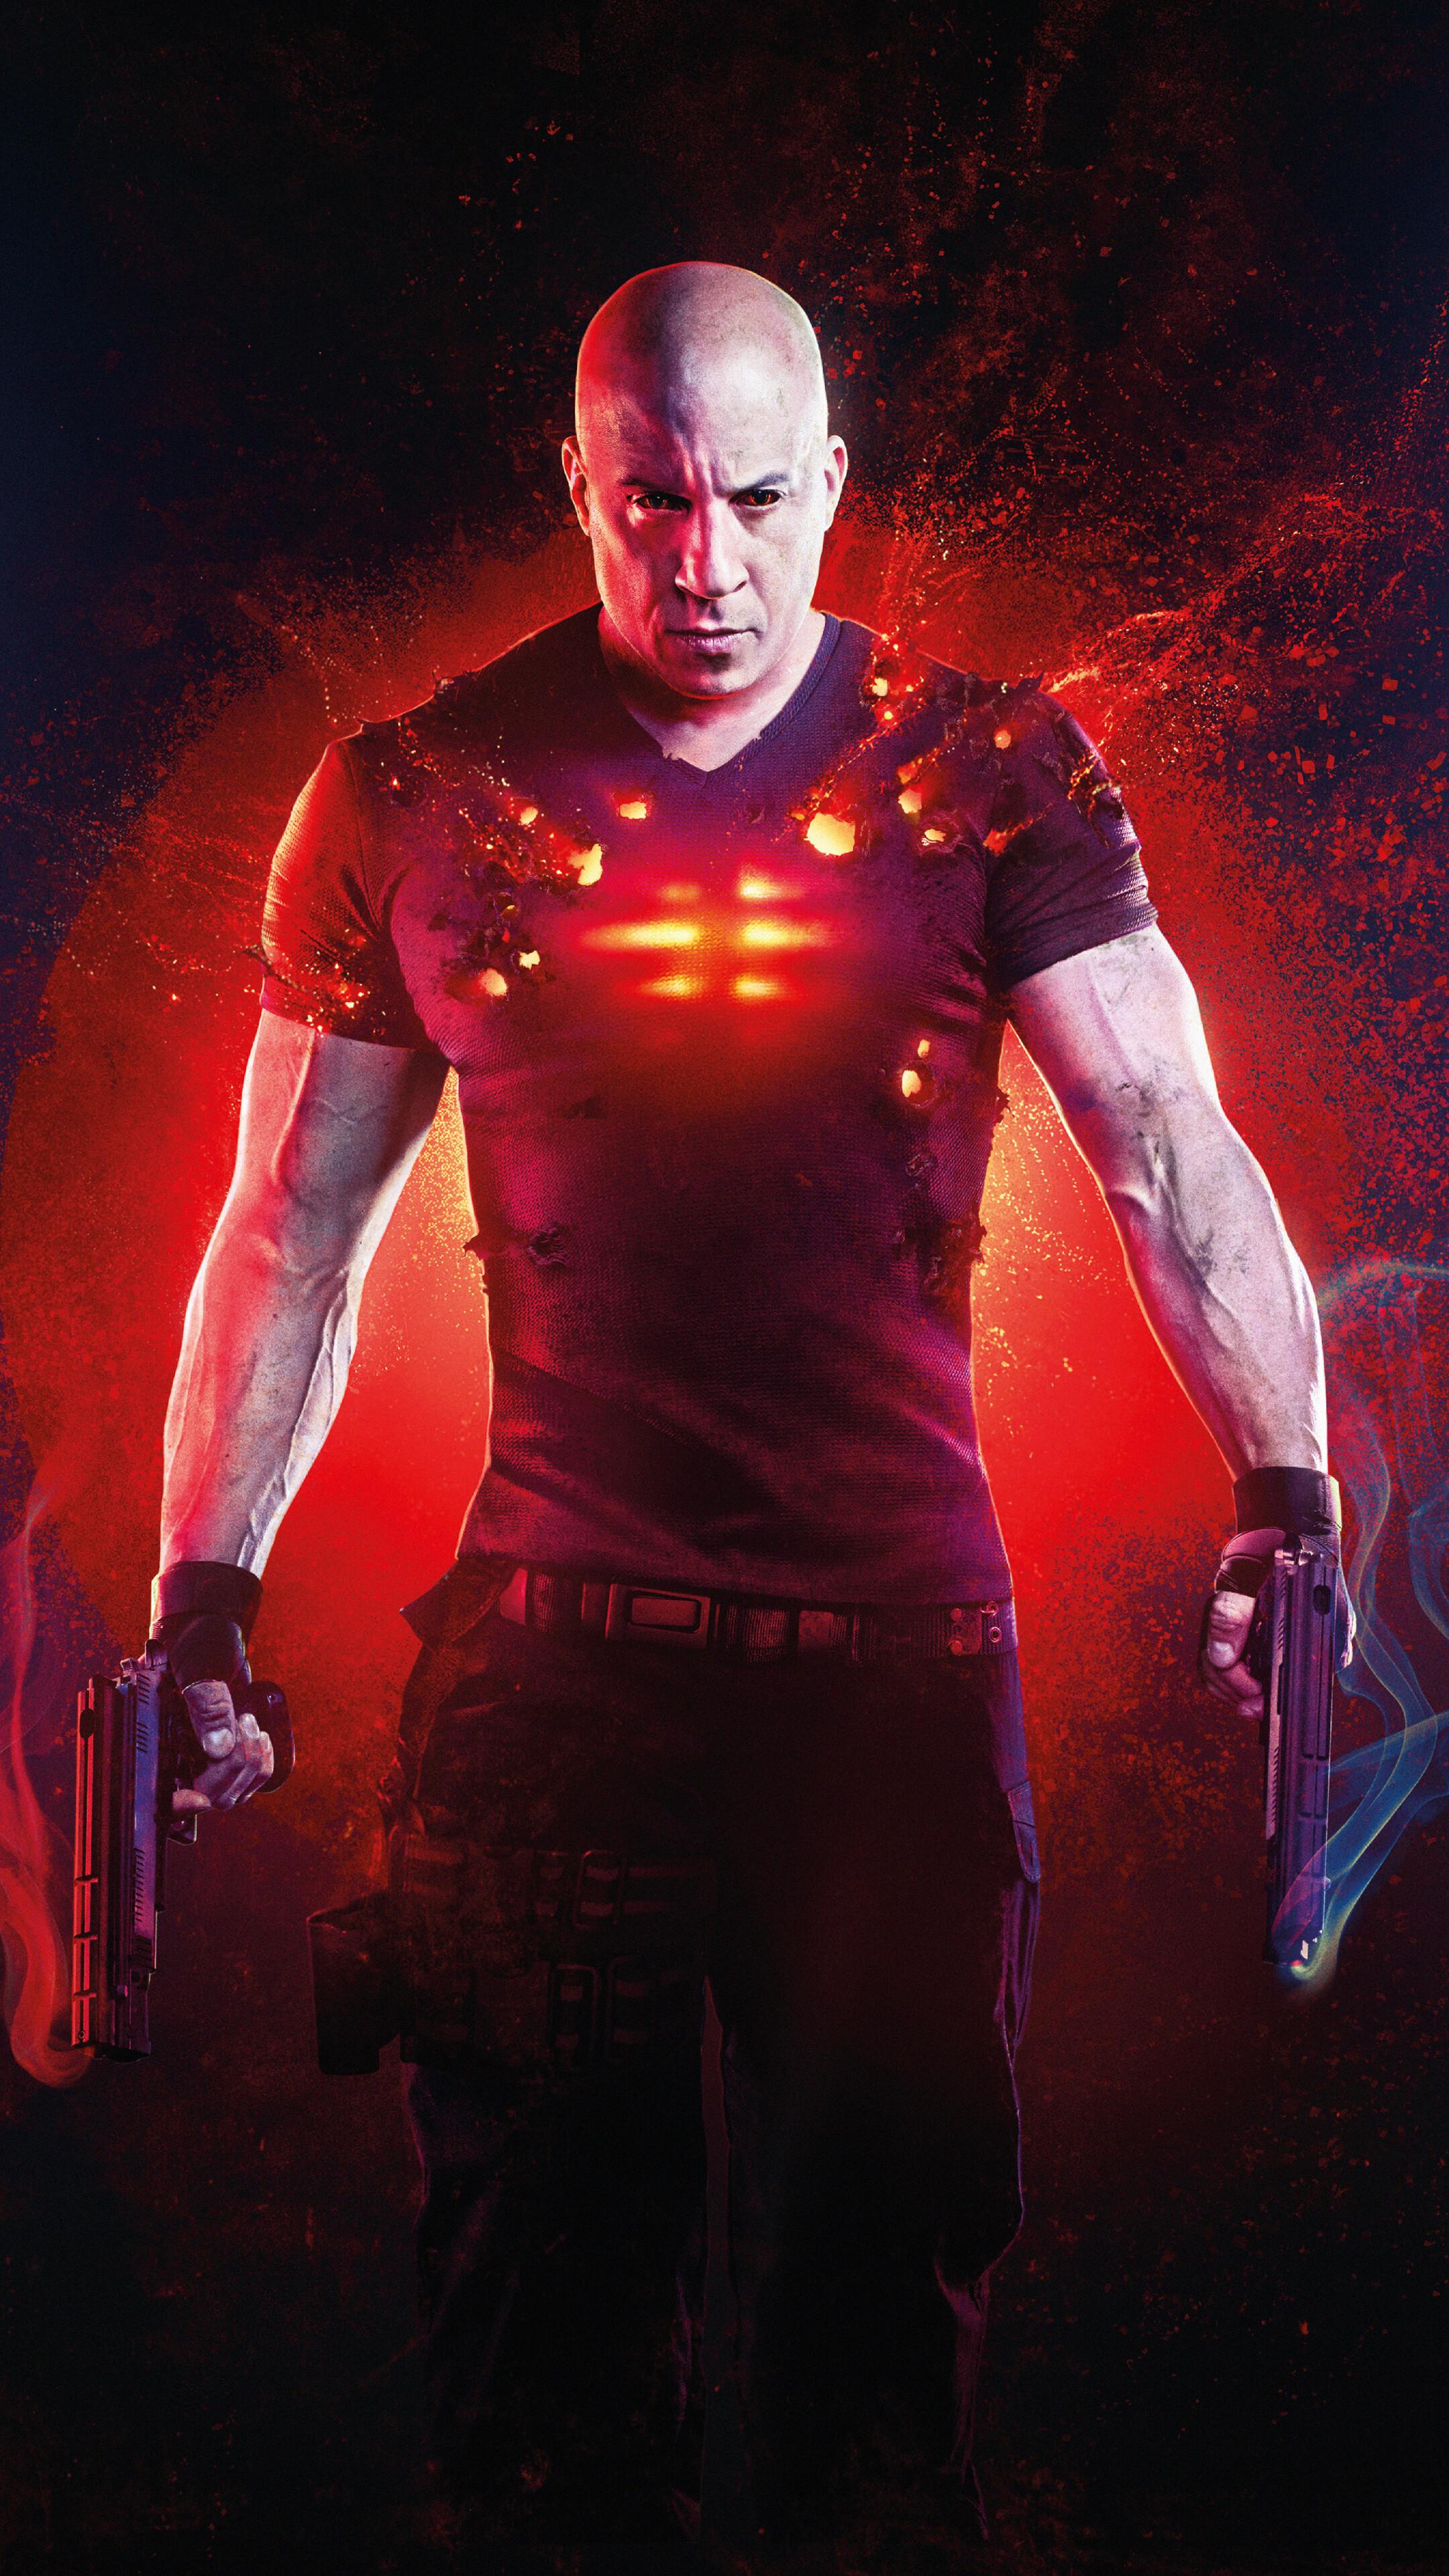 Bloodshot 2020 Movie Poster Vin Diesel 4K Wallpaper 71158 2160x3840